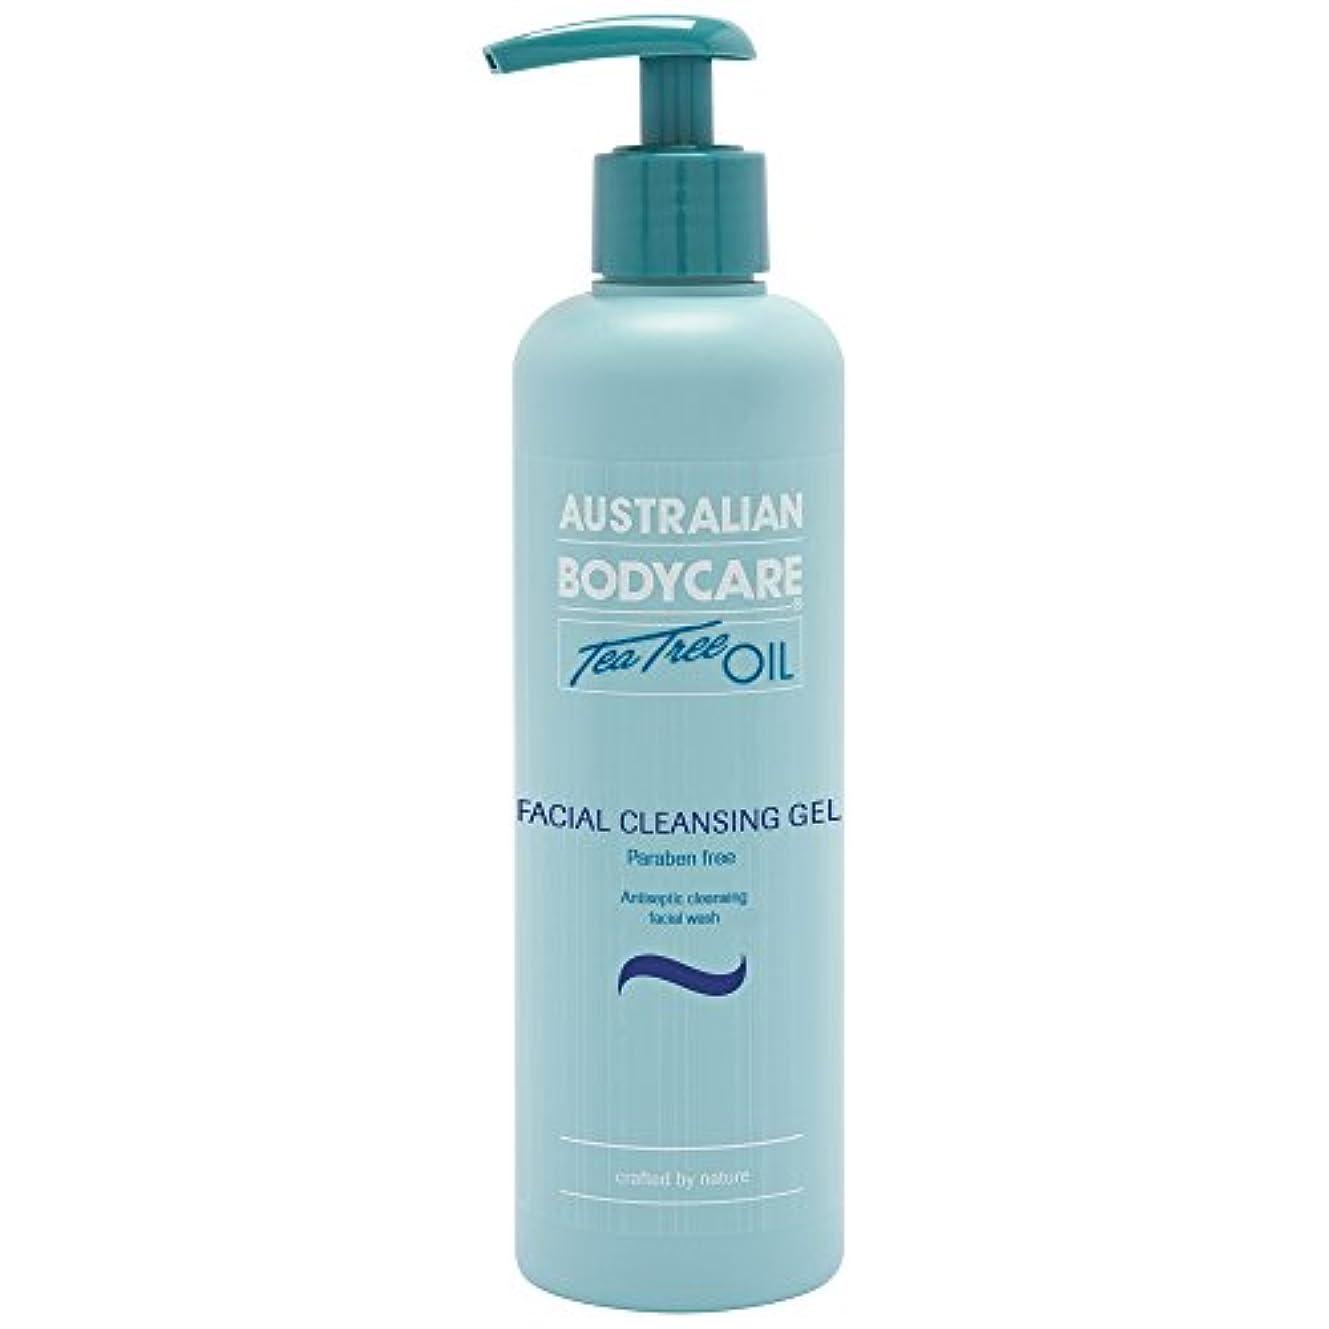 口述納屋思いやりのあるオーストラリアのボディーケアティーツリーオイル洗顔ゲル250ミリリットル (Australian Bodycare) (x2) - Australian Bodycare Tea Tree Oil Facial Cleansing Gel 250ml (Pack of 2) [並行輸入品]